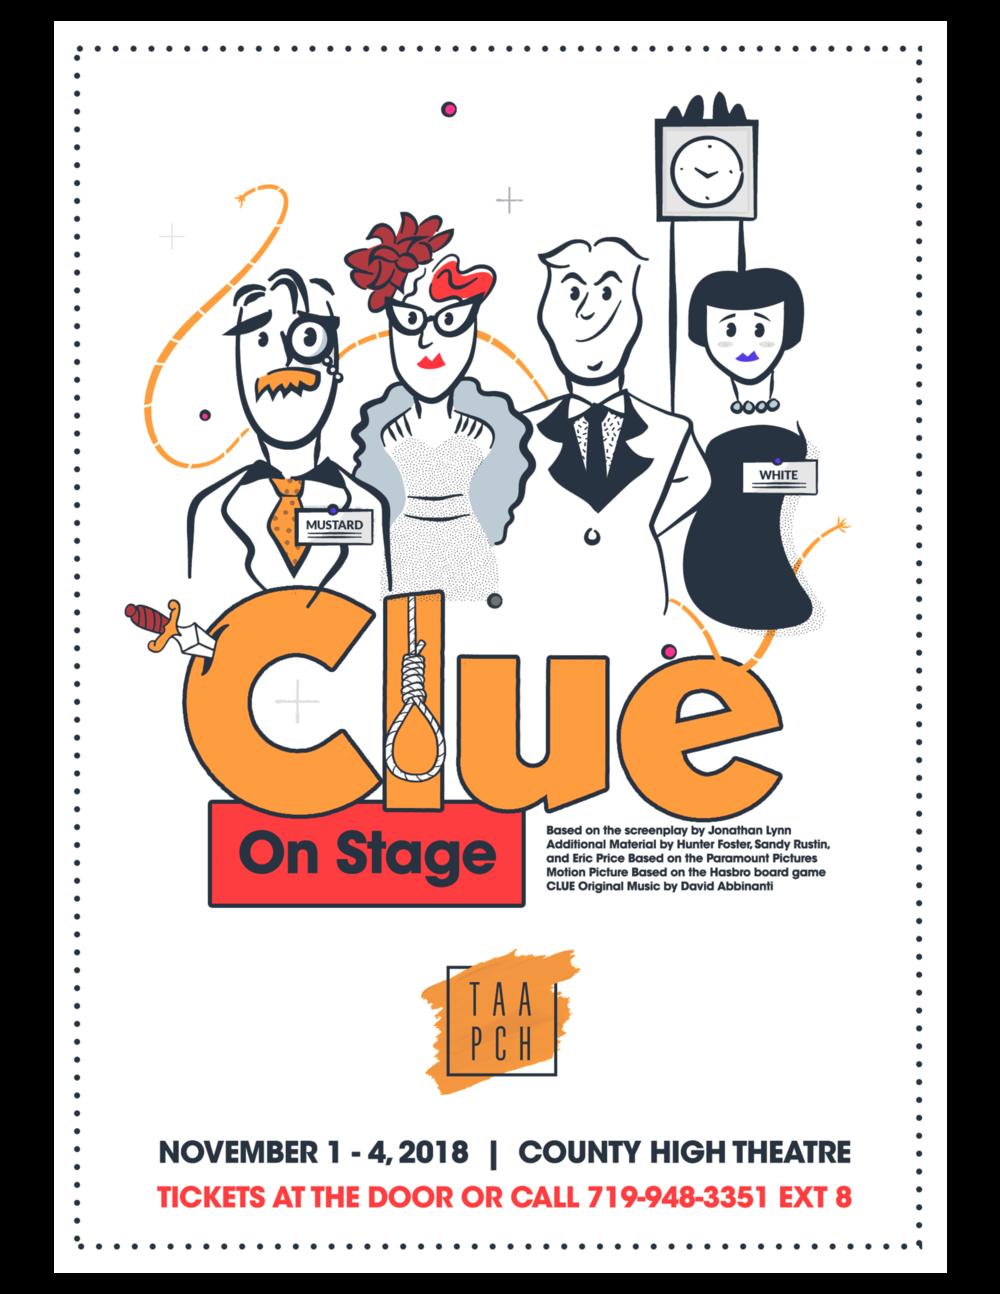 CLUE_V1 (3).png